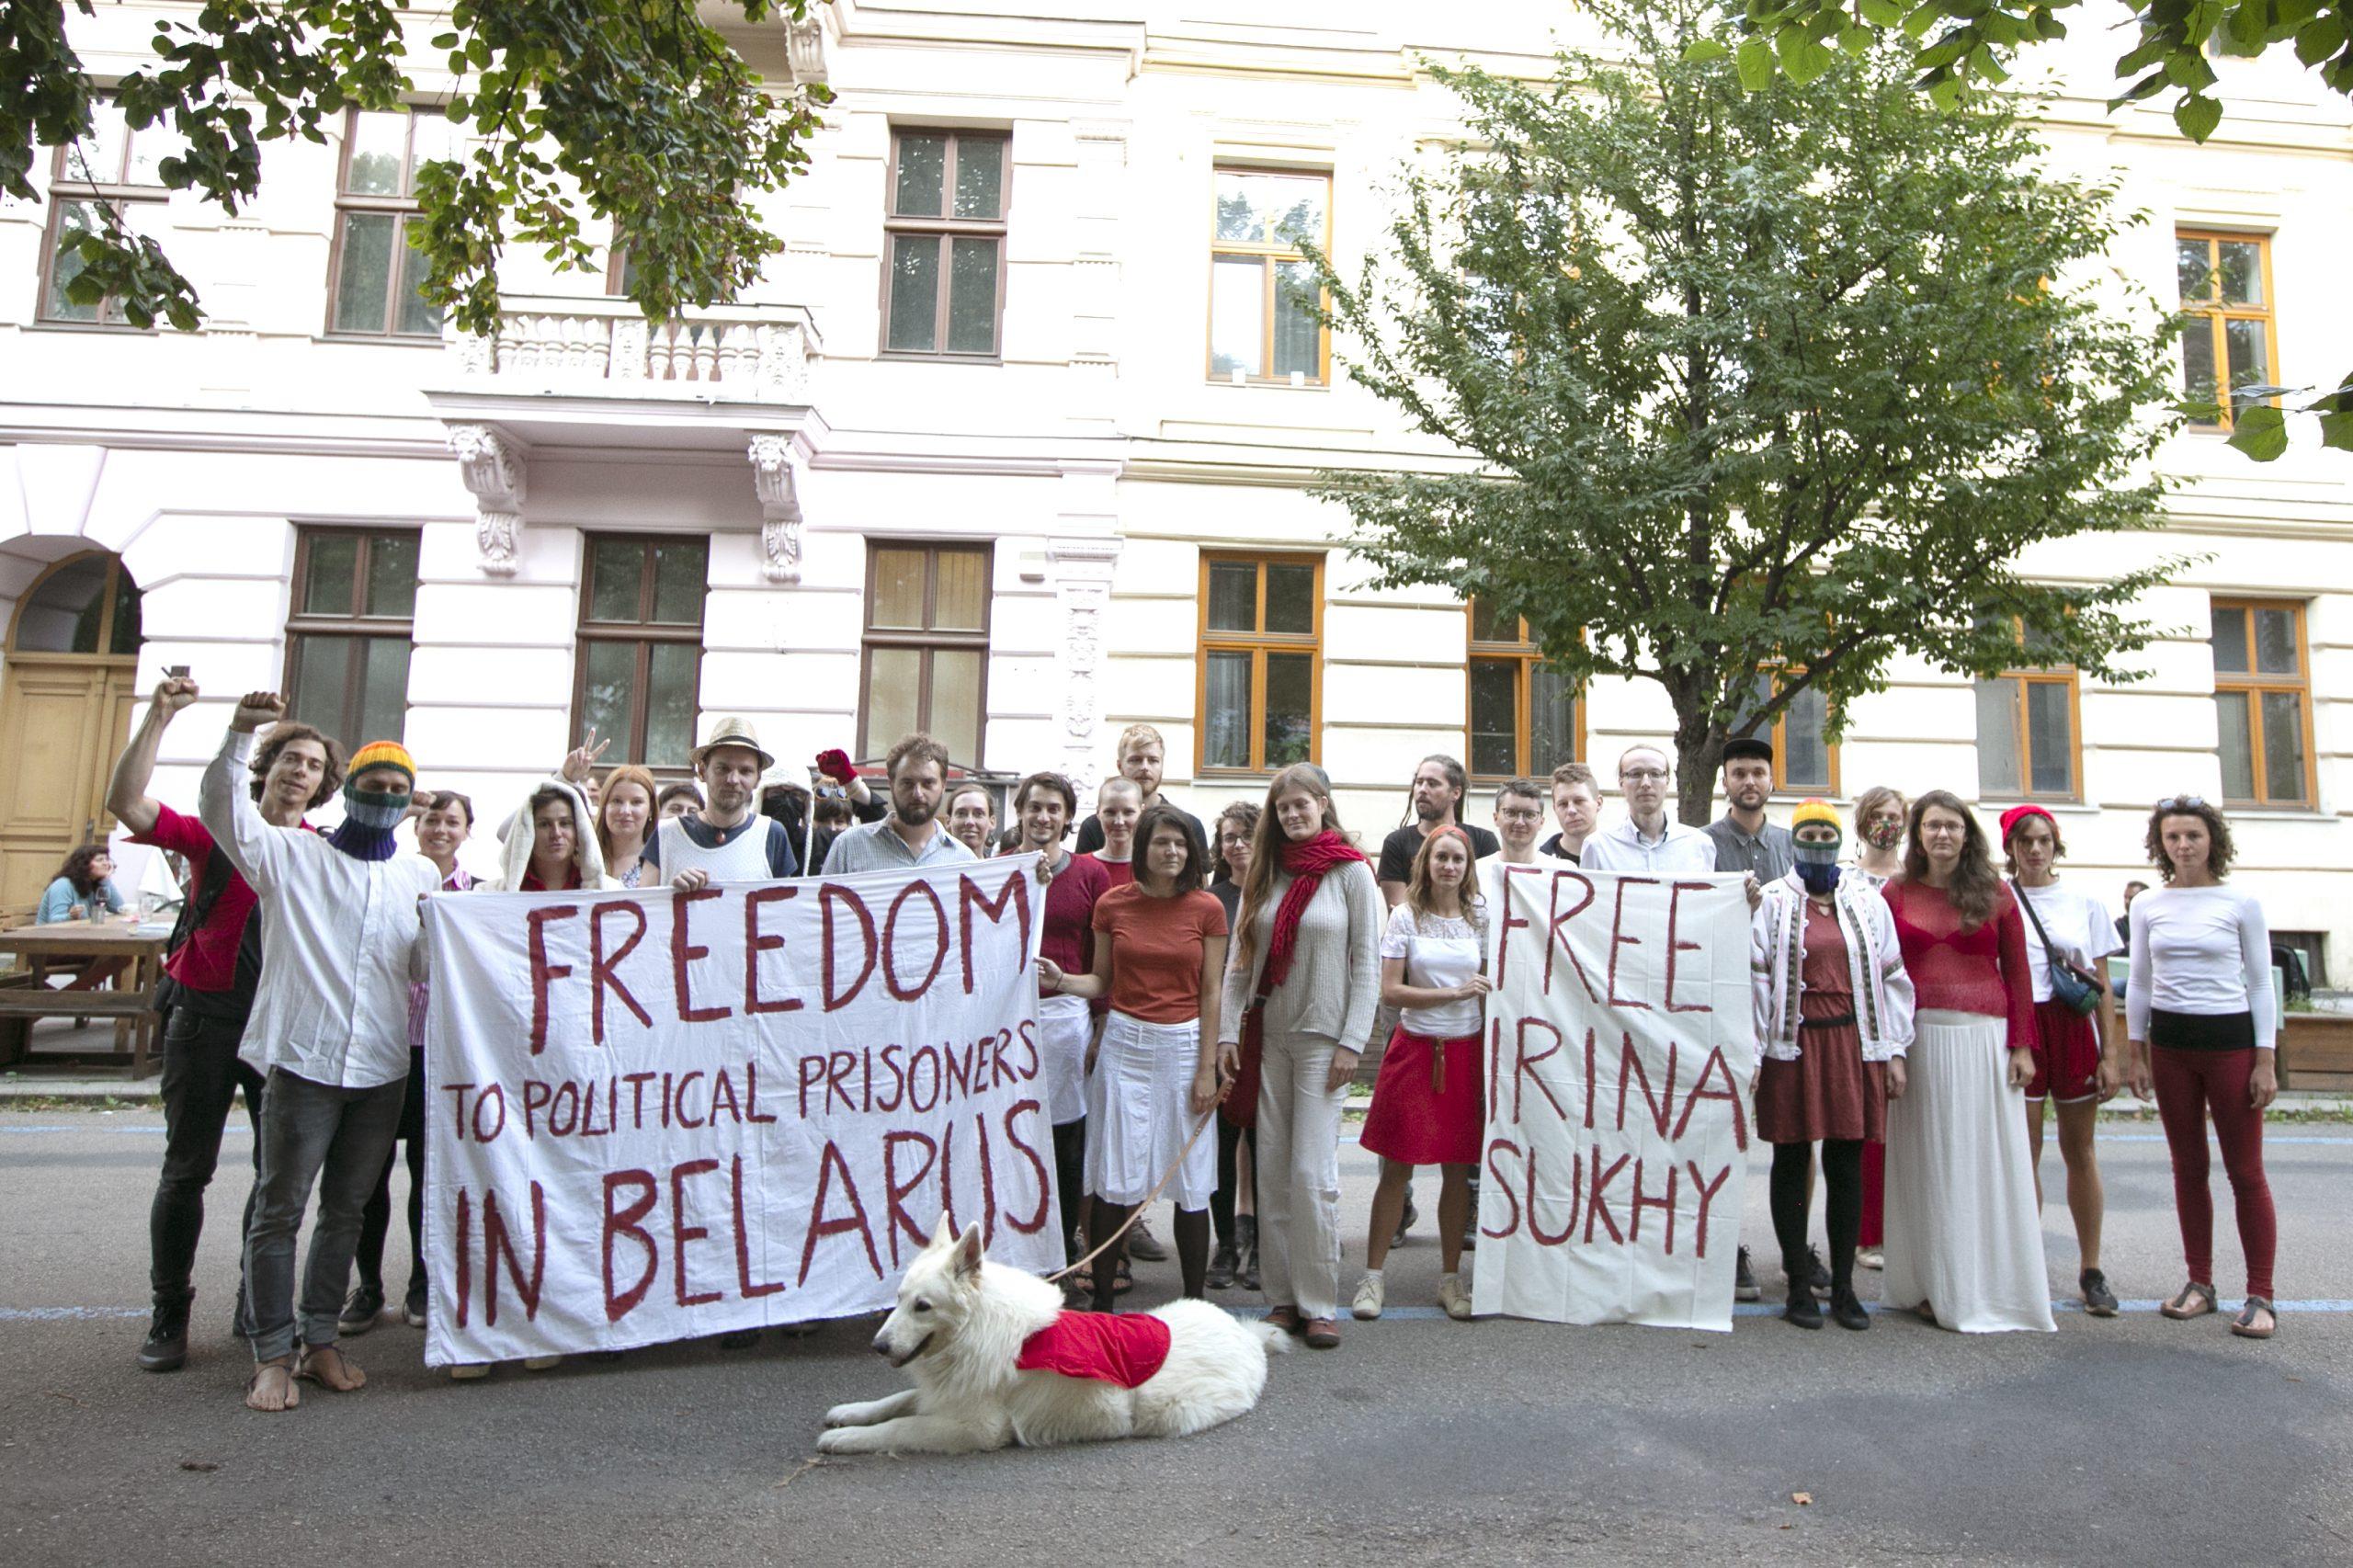 Ekologičtí aktivisté a aktivistky v Bělarusi čelí zvýšené represi